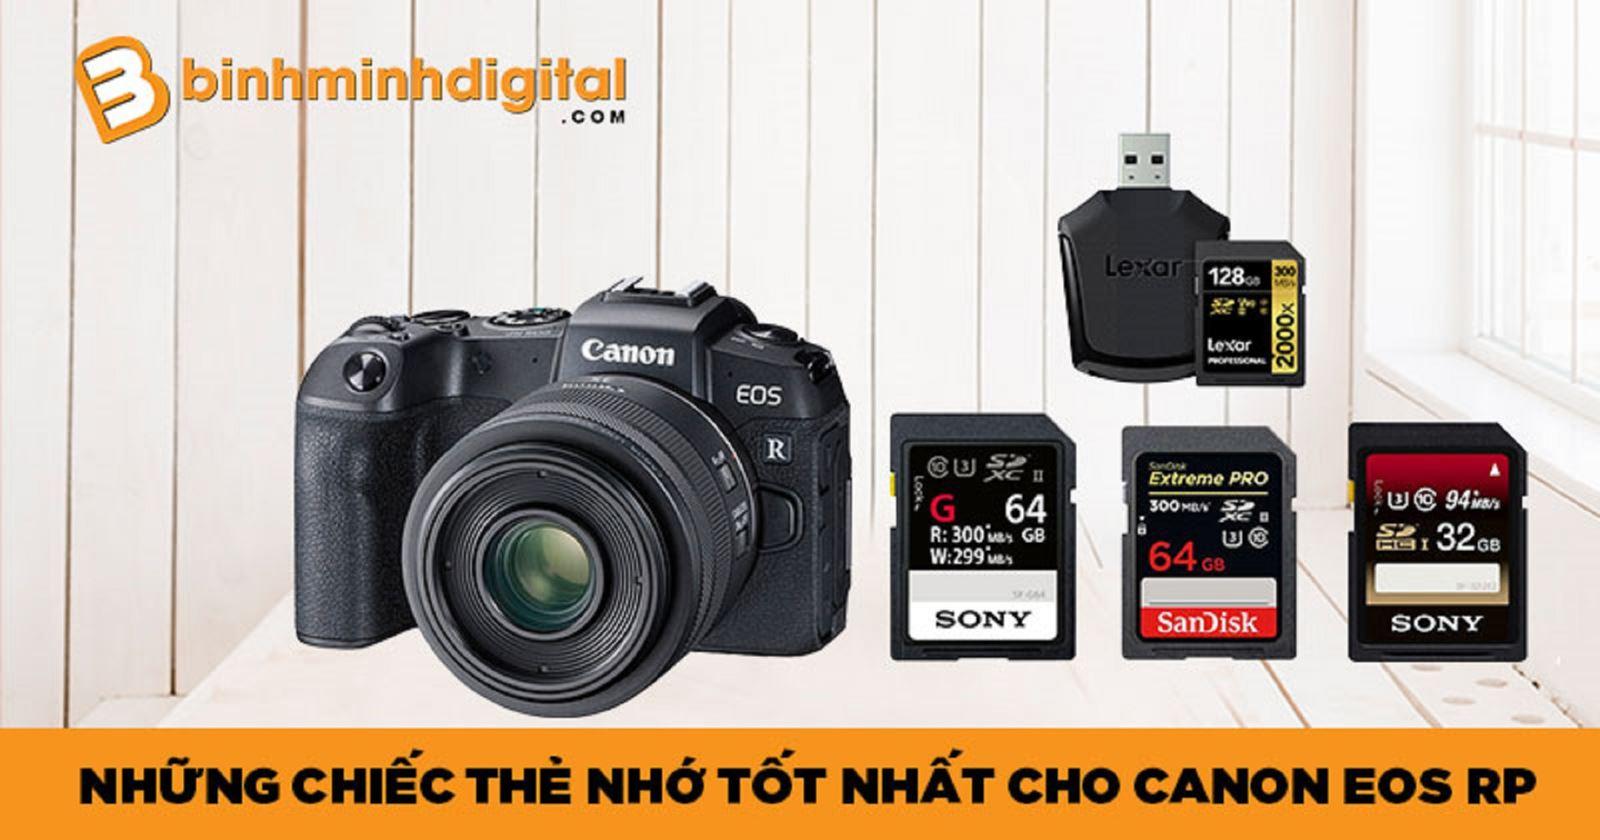 Những chiếc thẻ nhớ tốt nhất cho Canon EOS RP